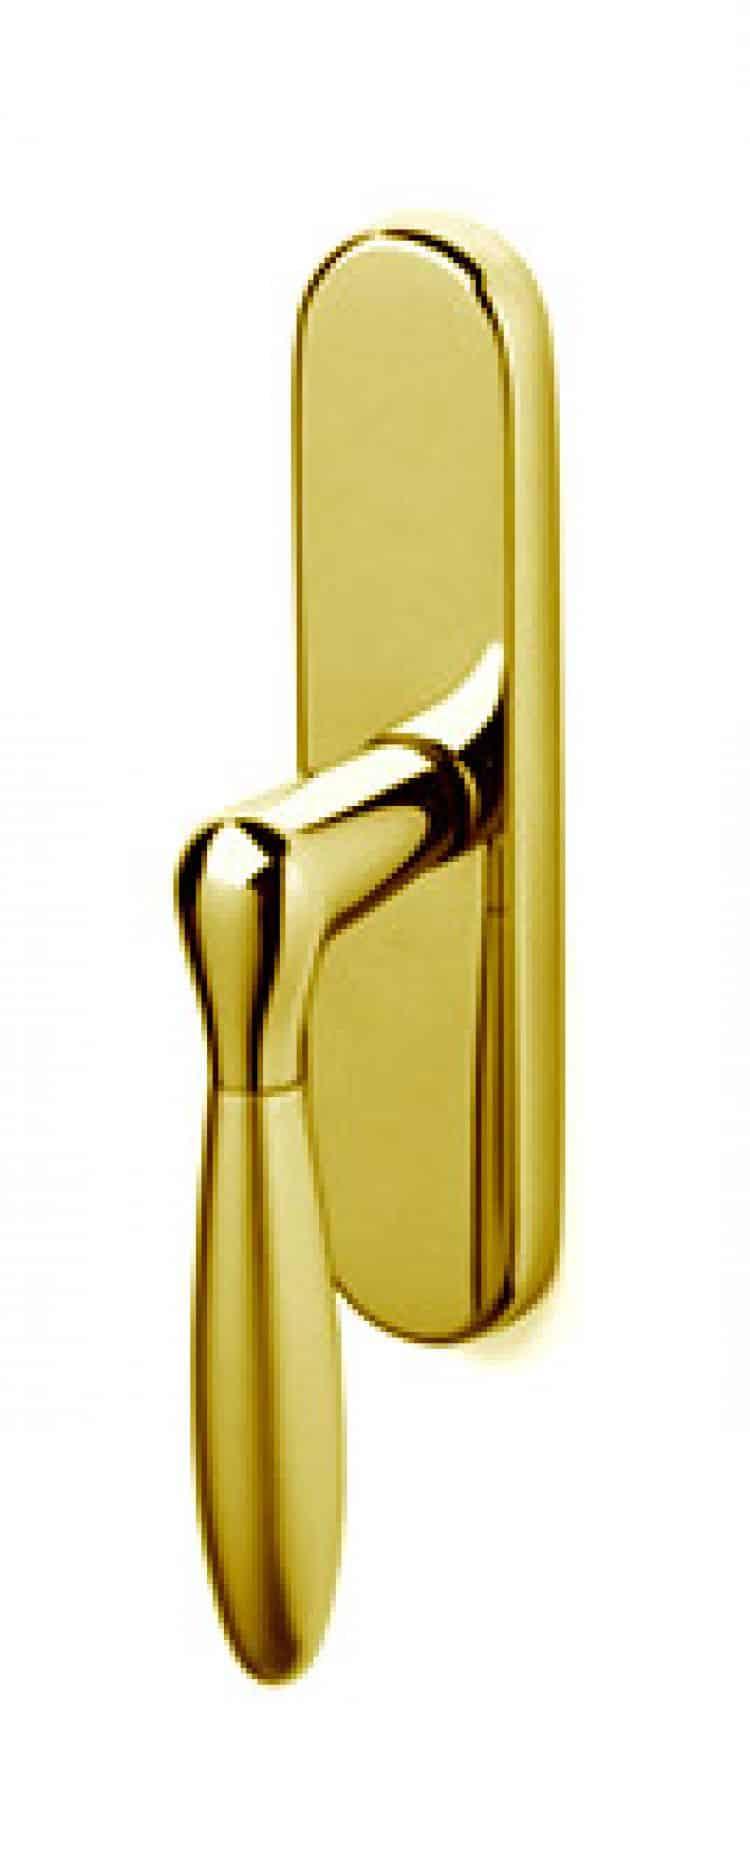 Maniglia design olivari comet bicolor maniglia per - Maniglie finestre prezzi ...